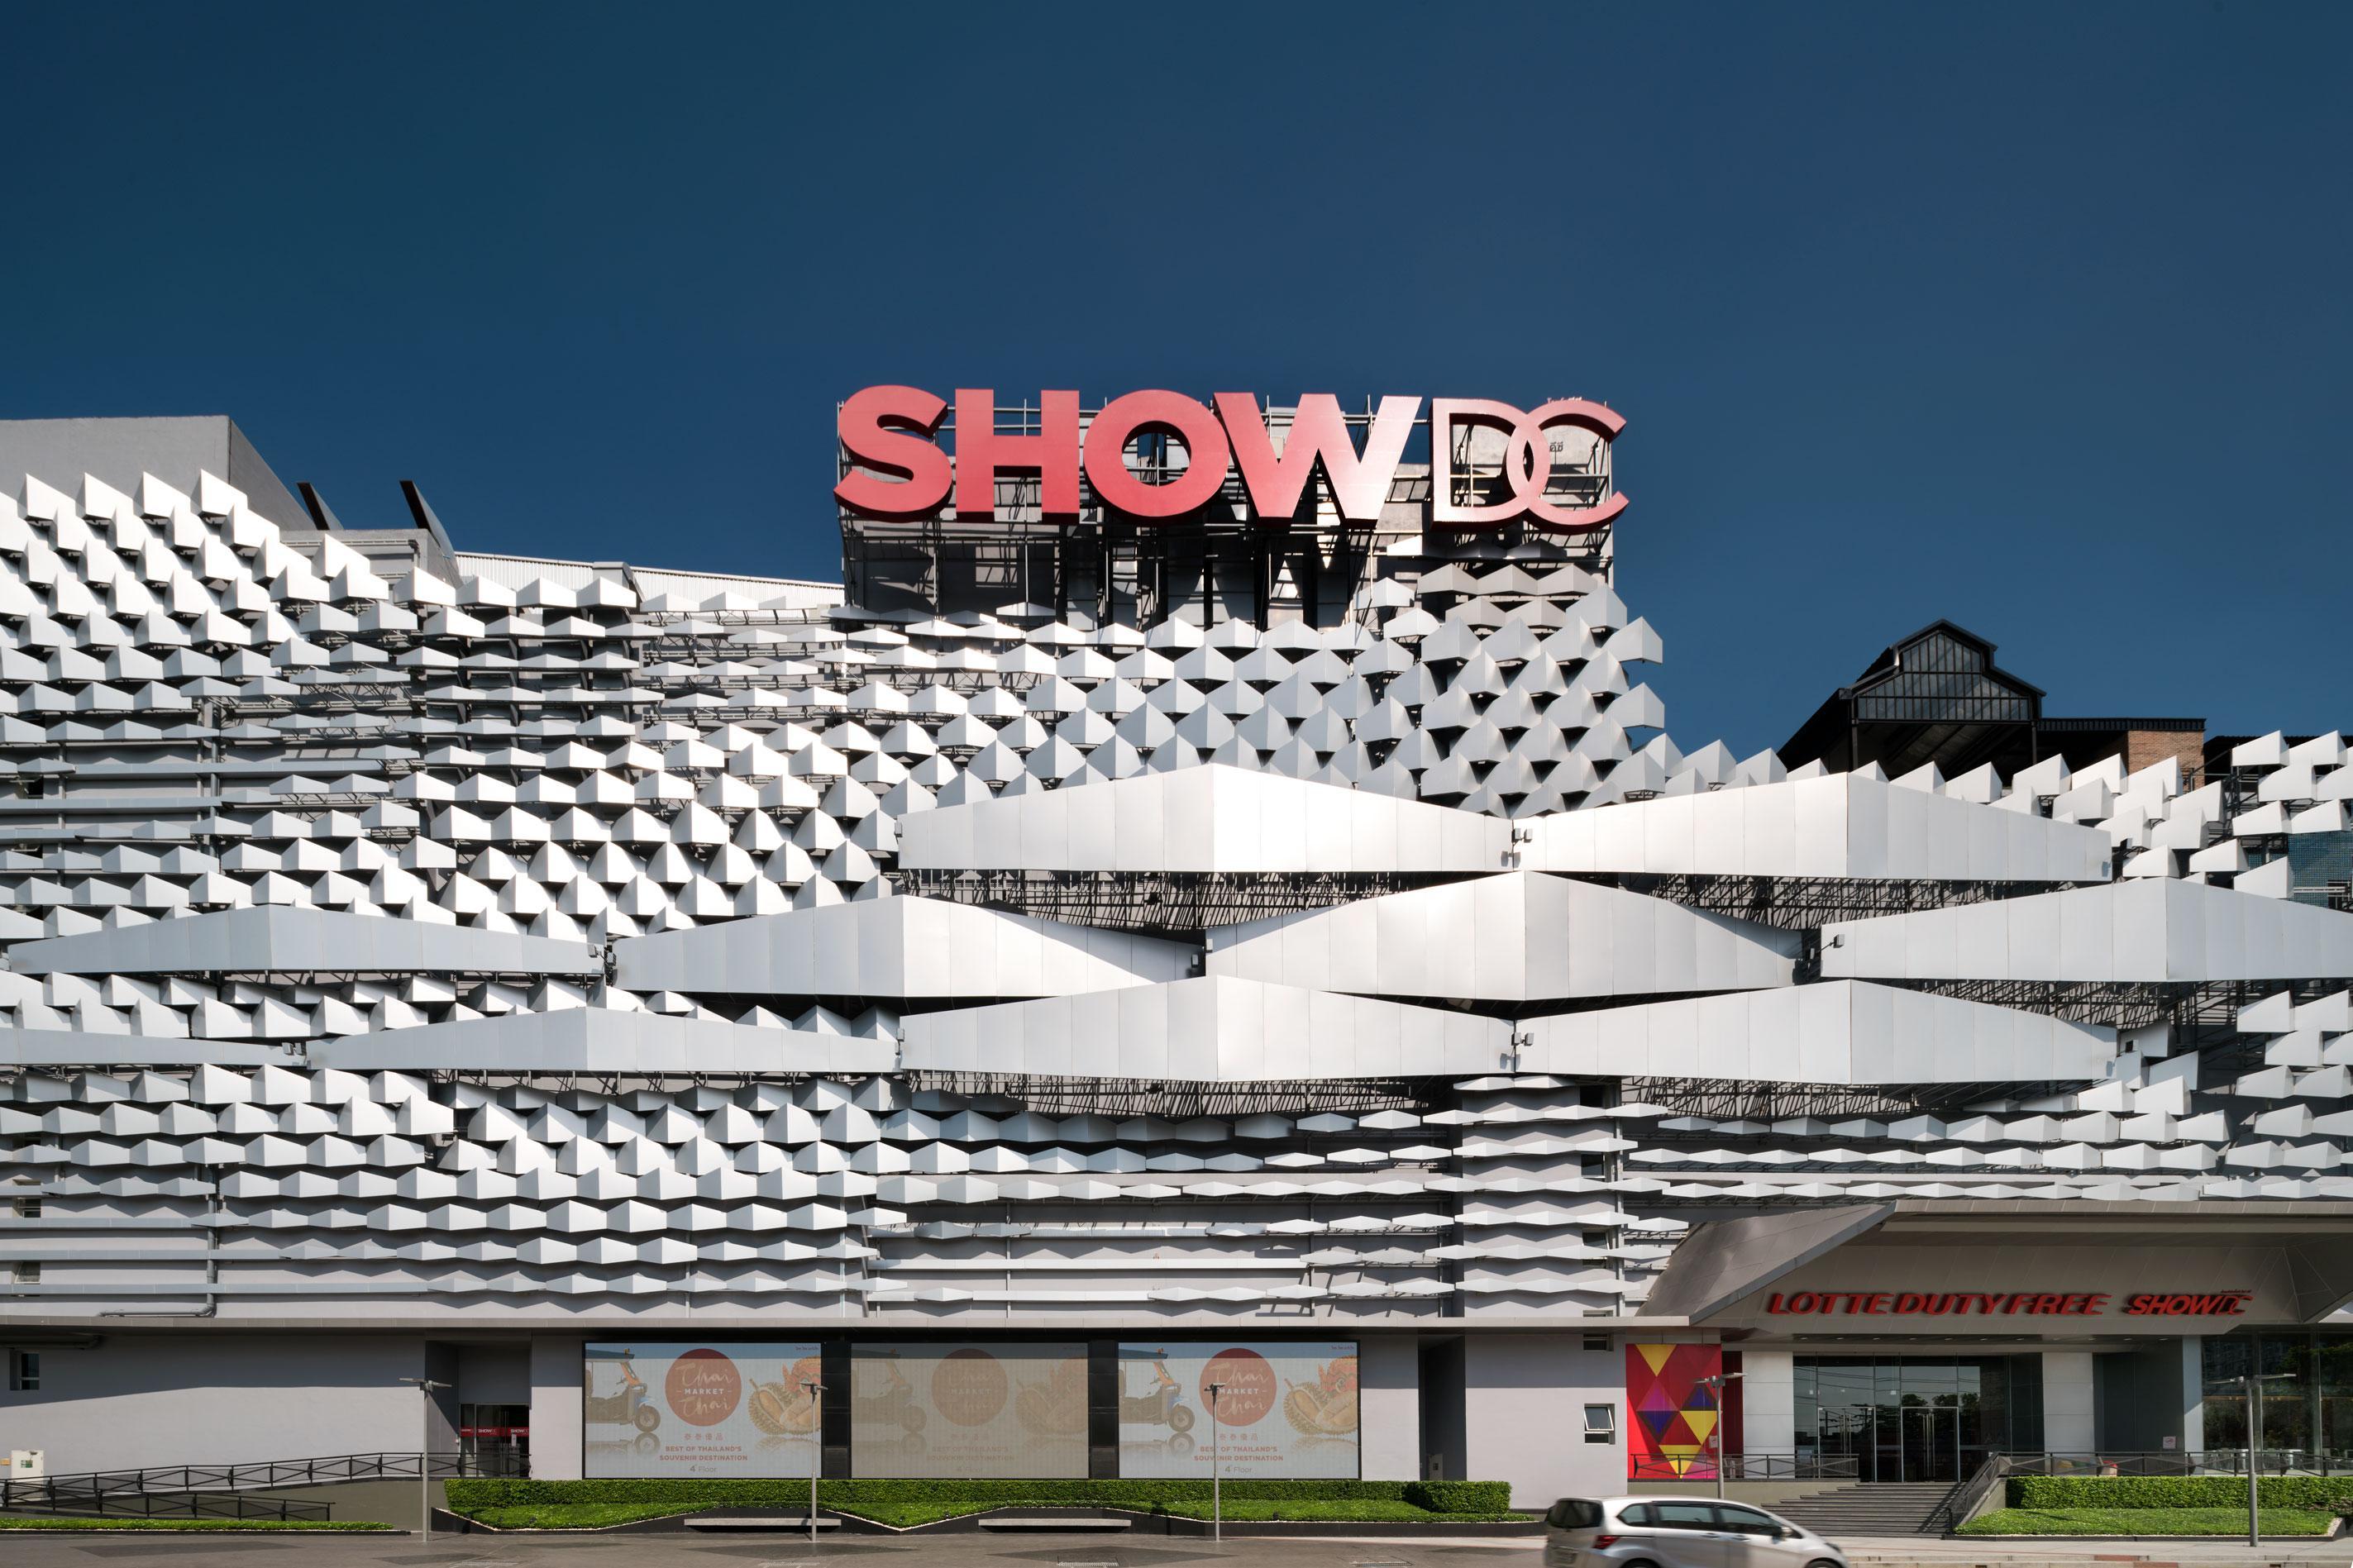 Show DC Facade Design